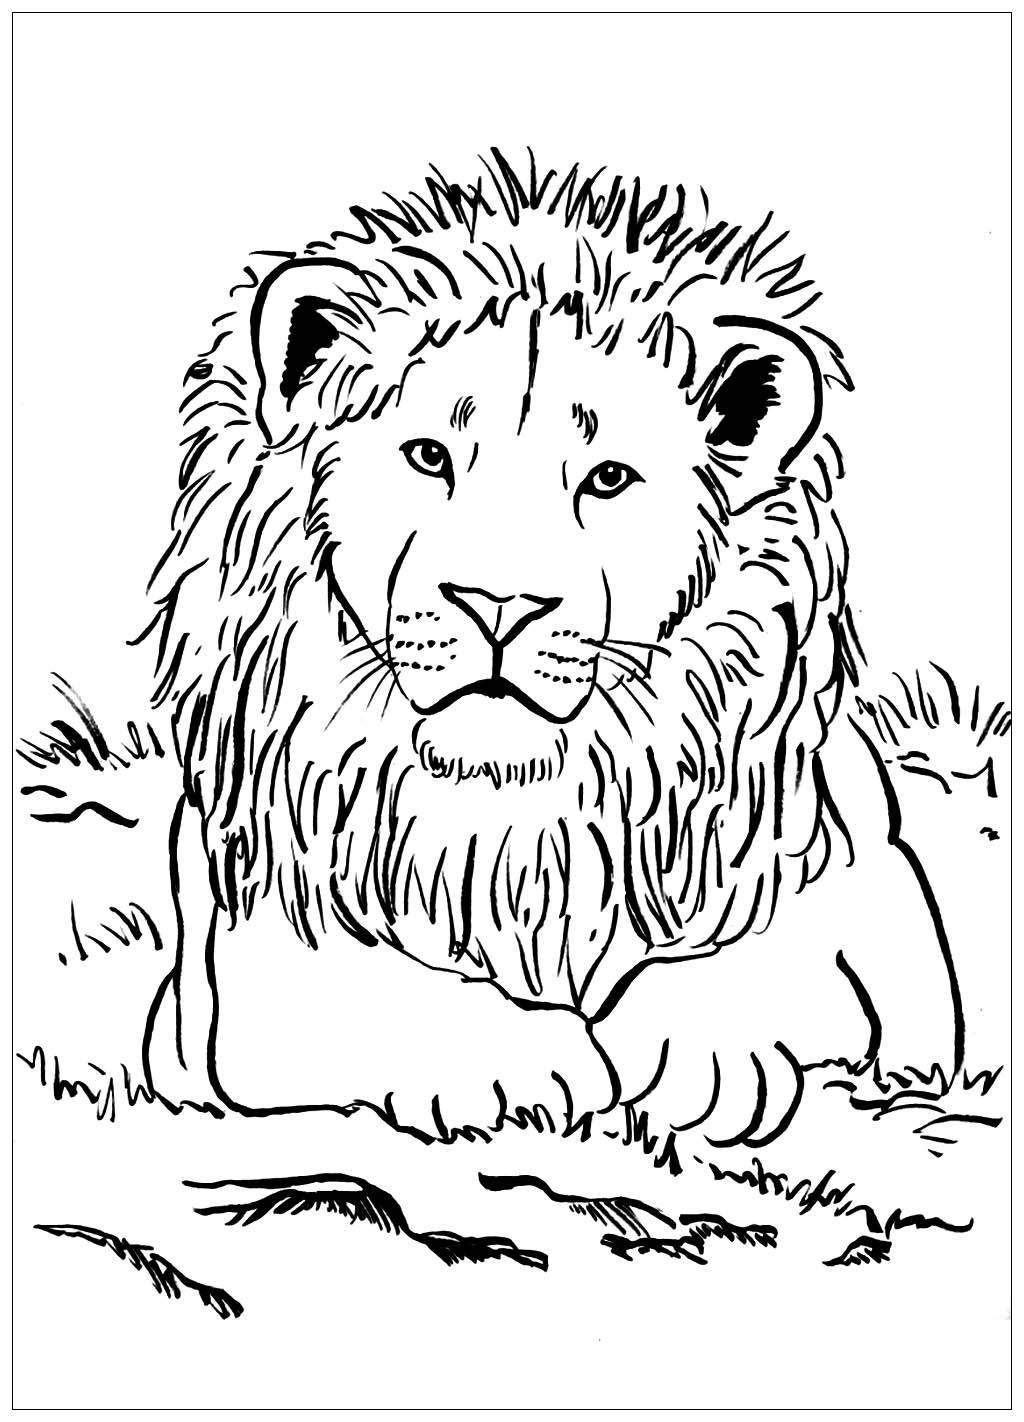 Lion Allongé - Coloriage De Lions - Coloriages Pour Enfants dedans Photo De Lion A Imprimer En Couleur